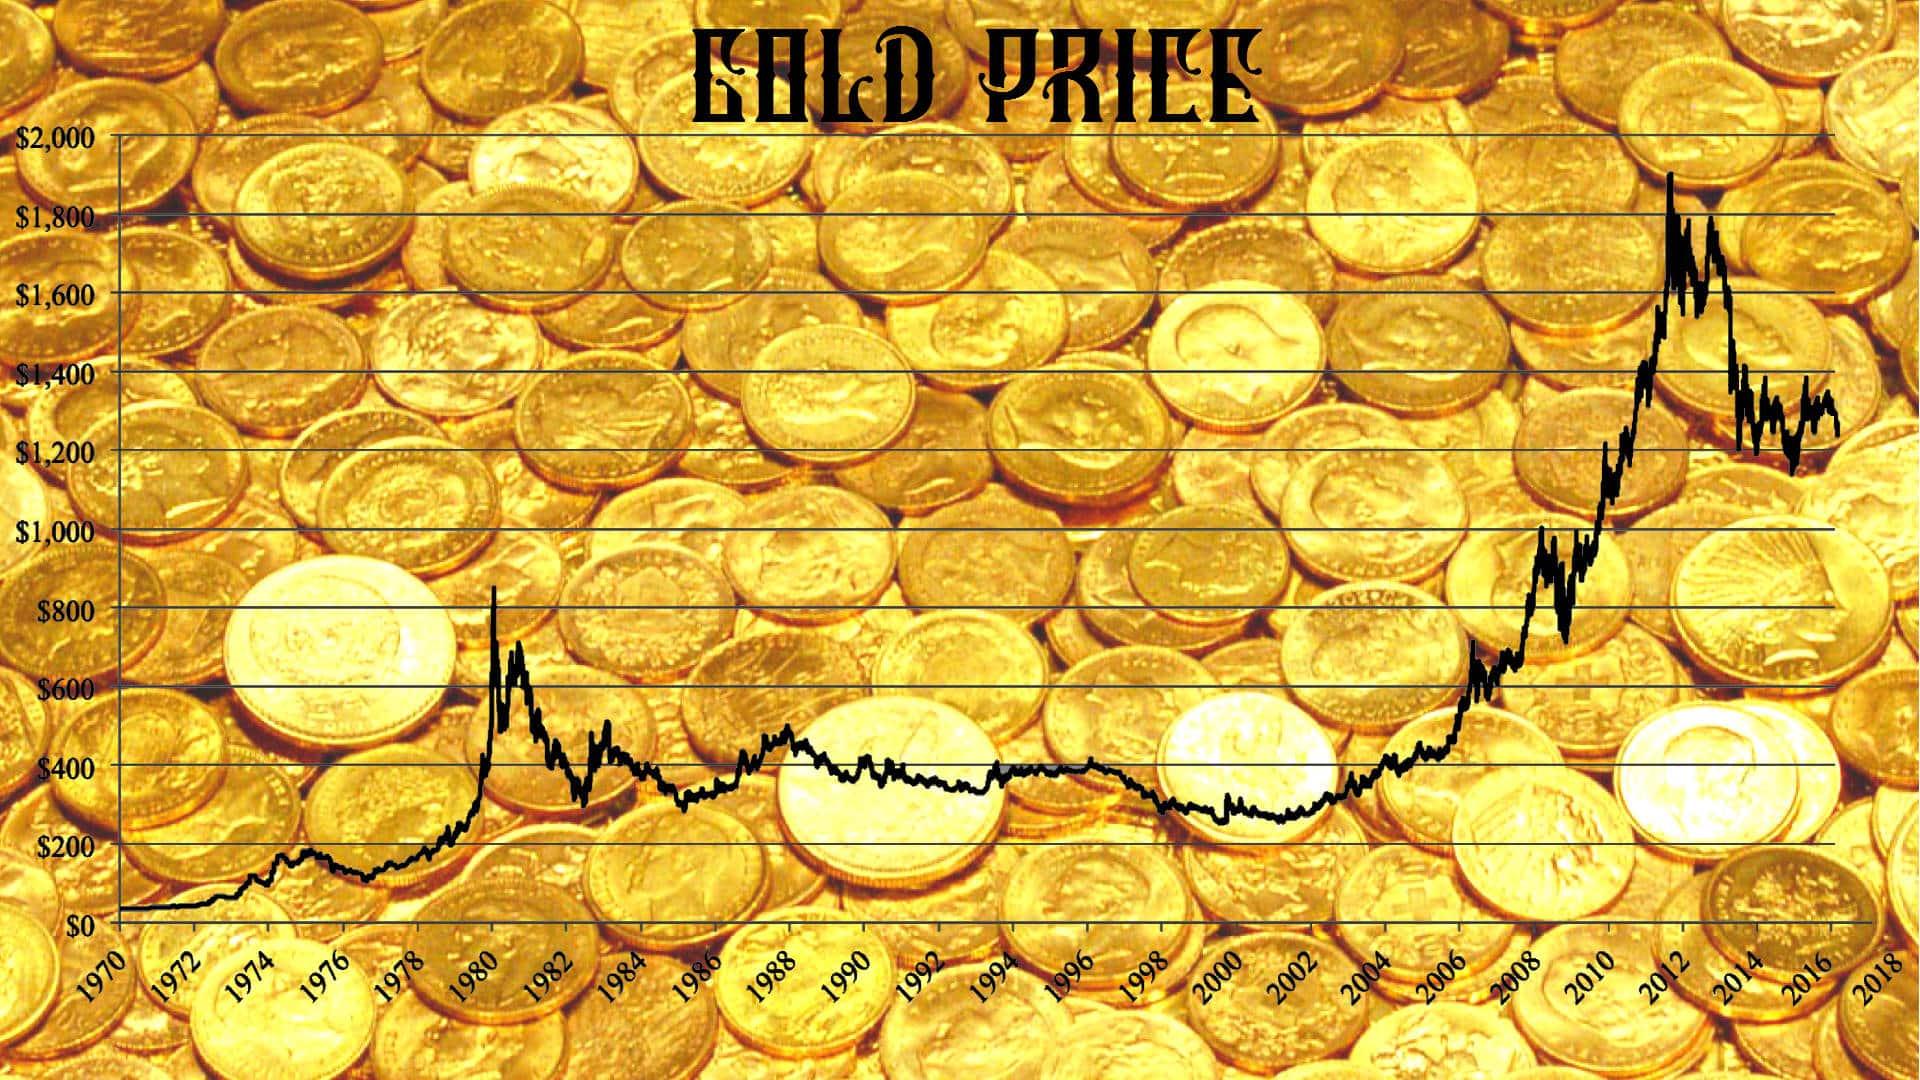 график цены золота за последние годы. эволюция денег и третья мировая война